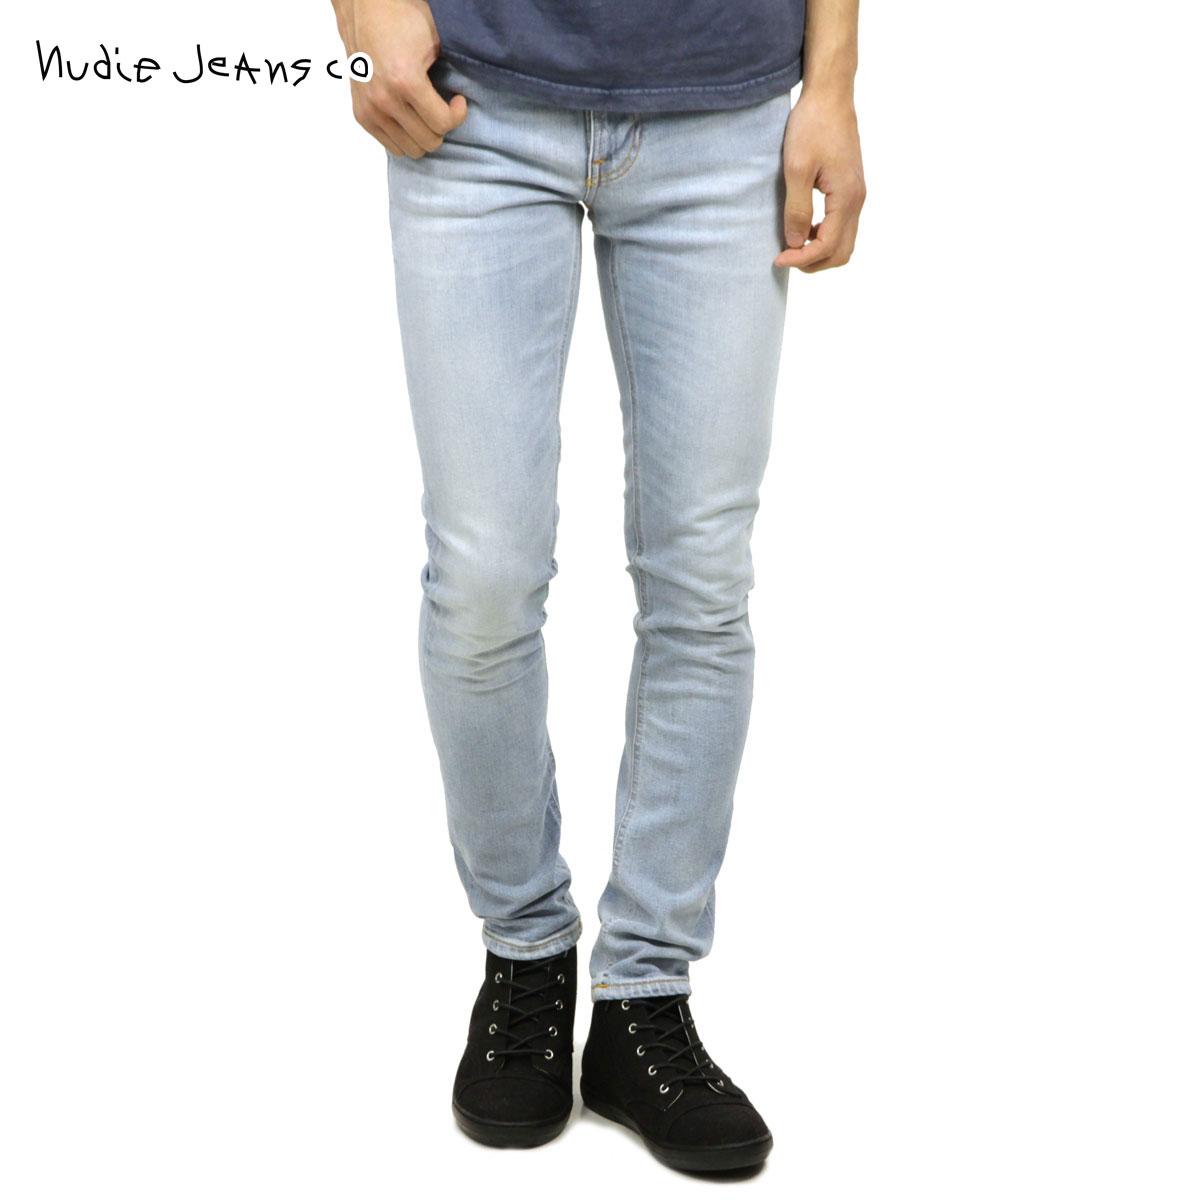 【ポイント10倍 1/1 00:00~1/5 23:59まで】 ヌーディージーンズ ジーンズ メンズ 正規販売店 Nudie Jeans ジーパン リーンディーン LEAN DEAN JEANS CLASSIC USED 862 1126520